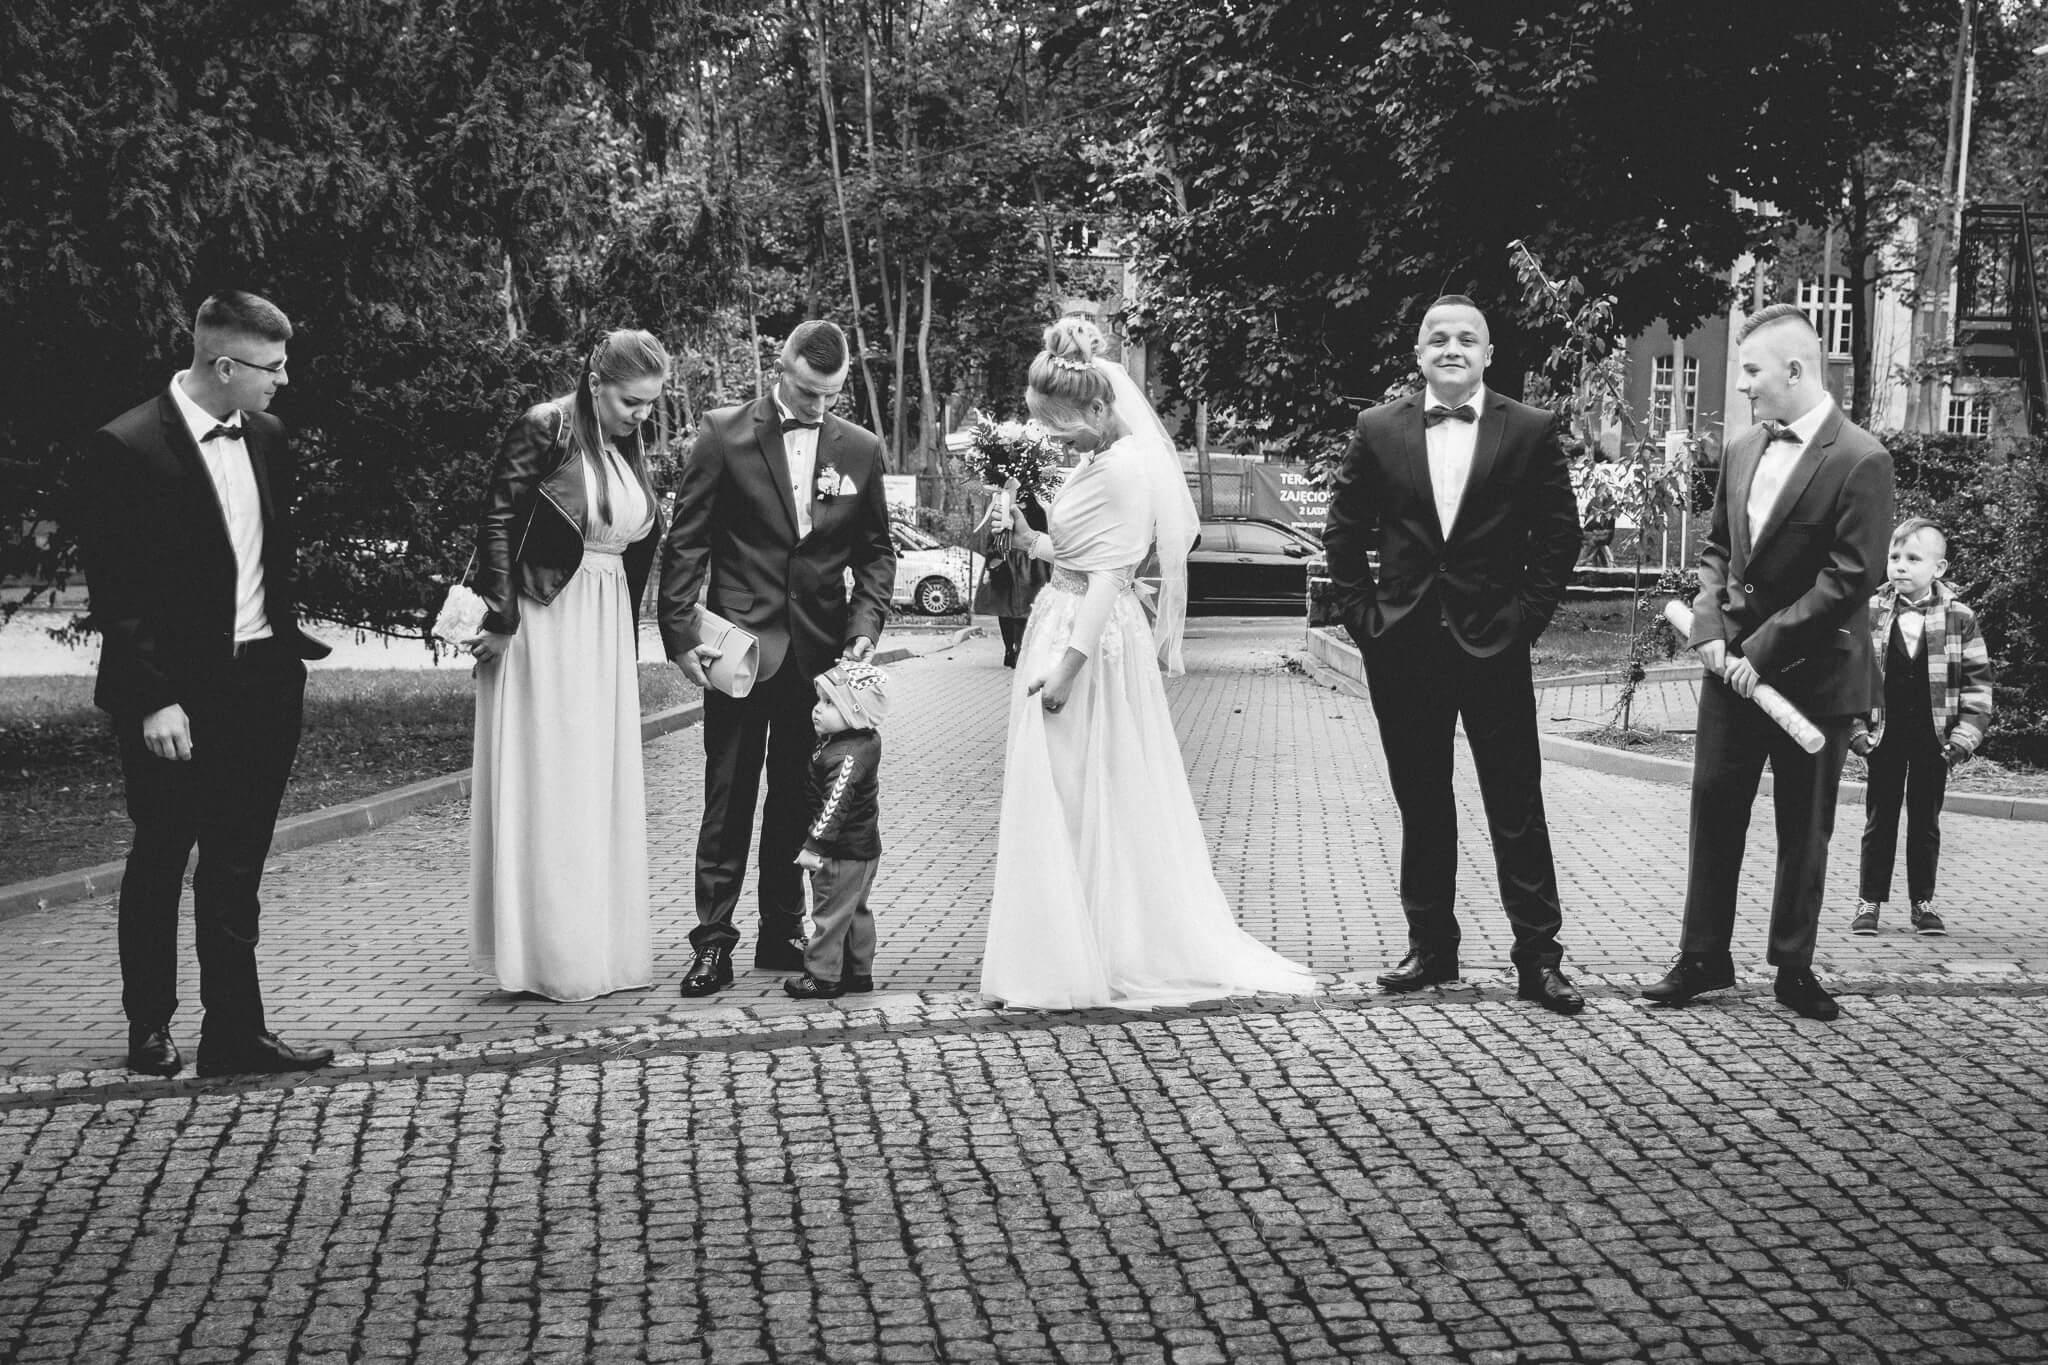 Z rodzina, fotografia slubna Szczecin